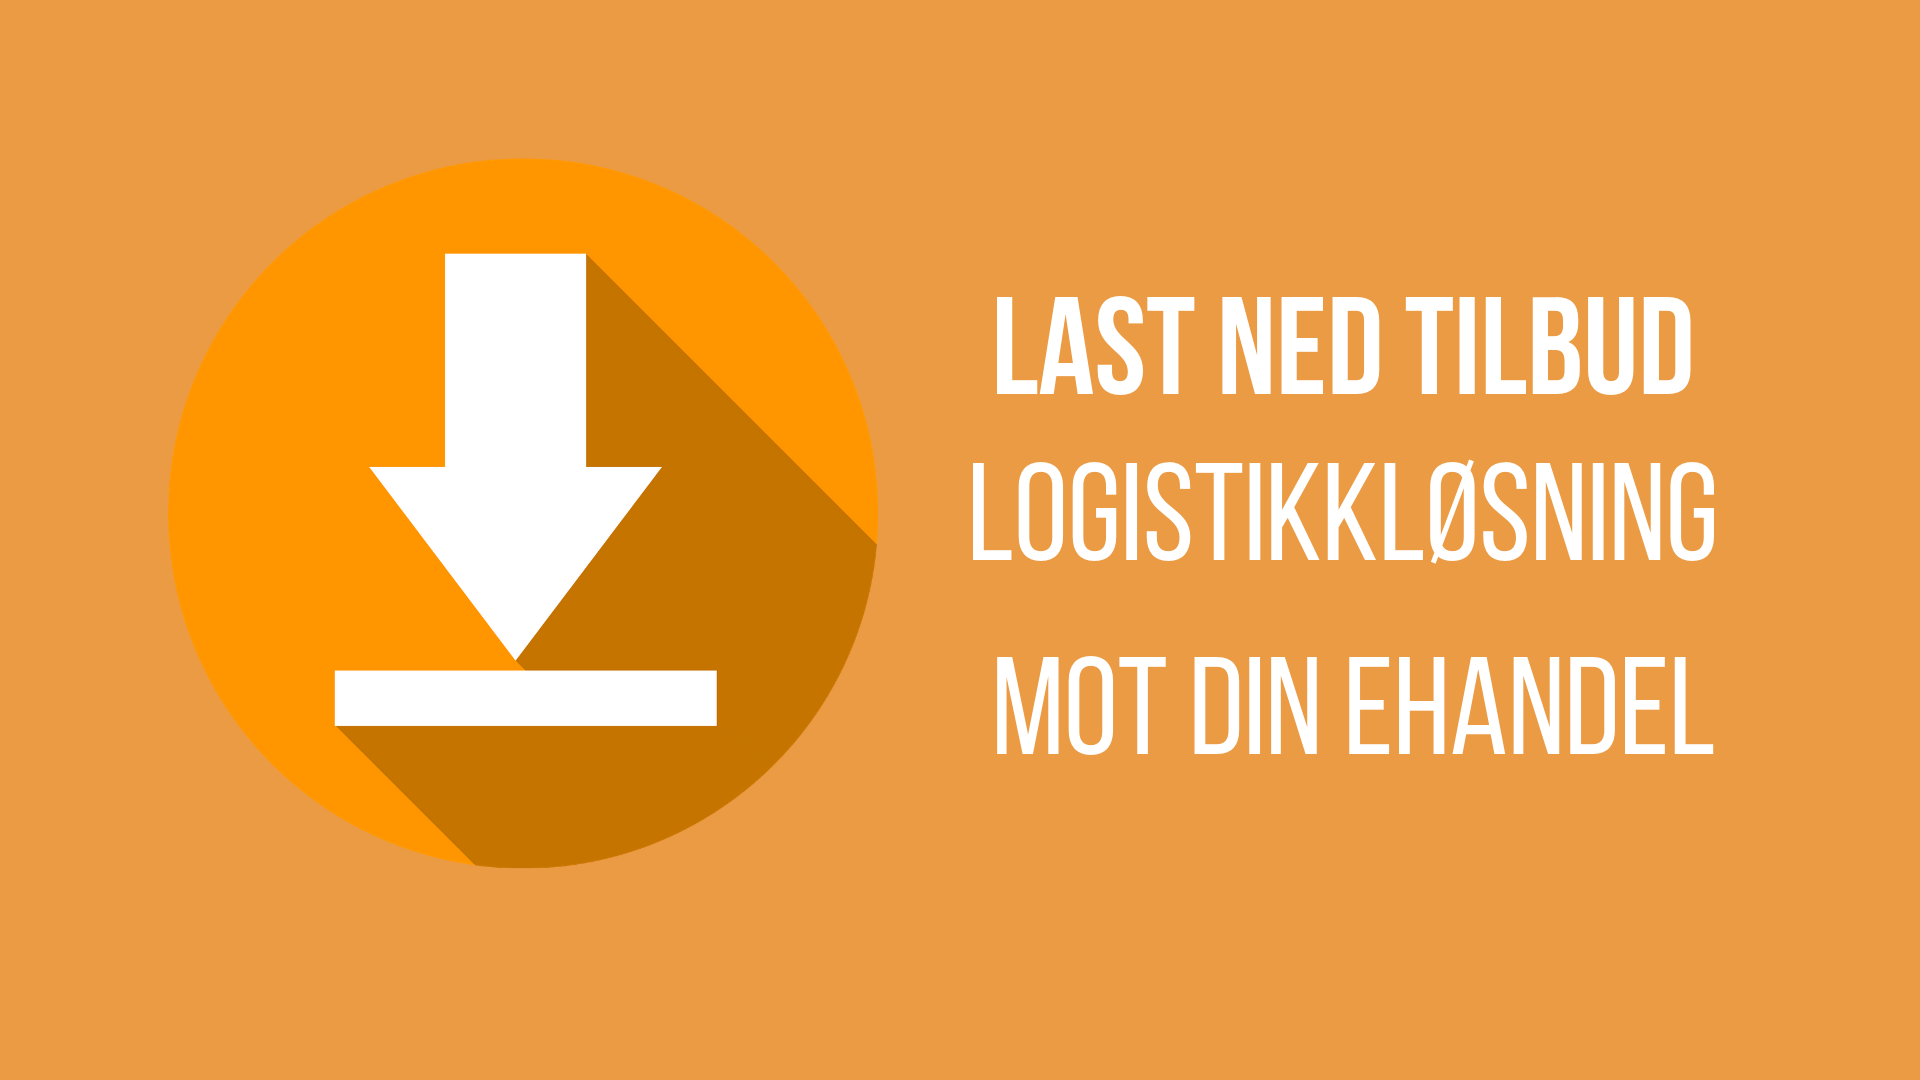 tilbud på logistikkløsning til e-handel